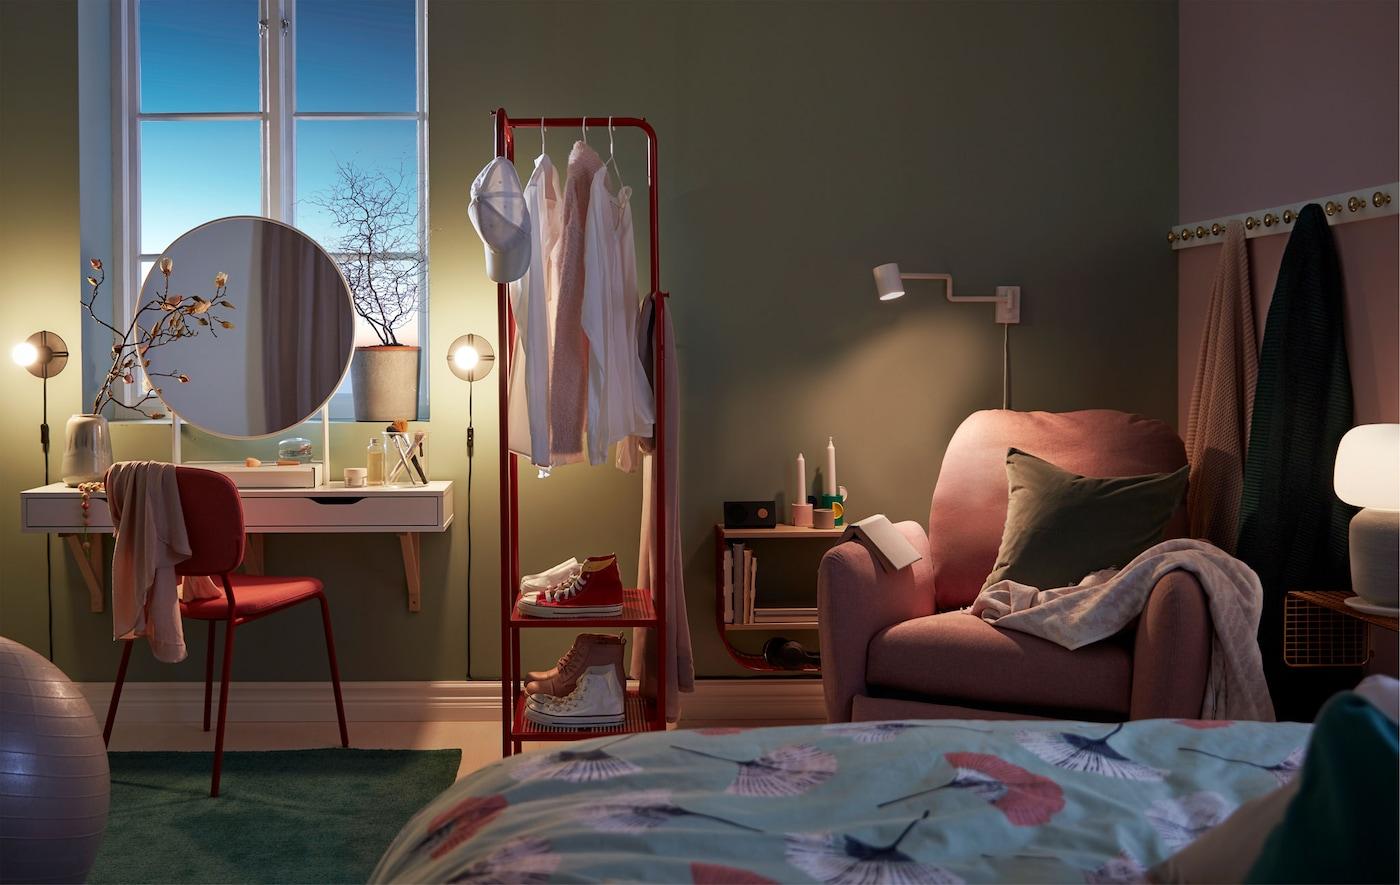 غرفة نوم خافتة الإضاءة بها زاوية ماكياج، وعلاقة ملابس مقسمة للغرفة وزاوية قراءة مع كرسي بظهر متحرك.